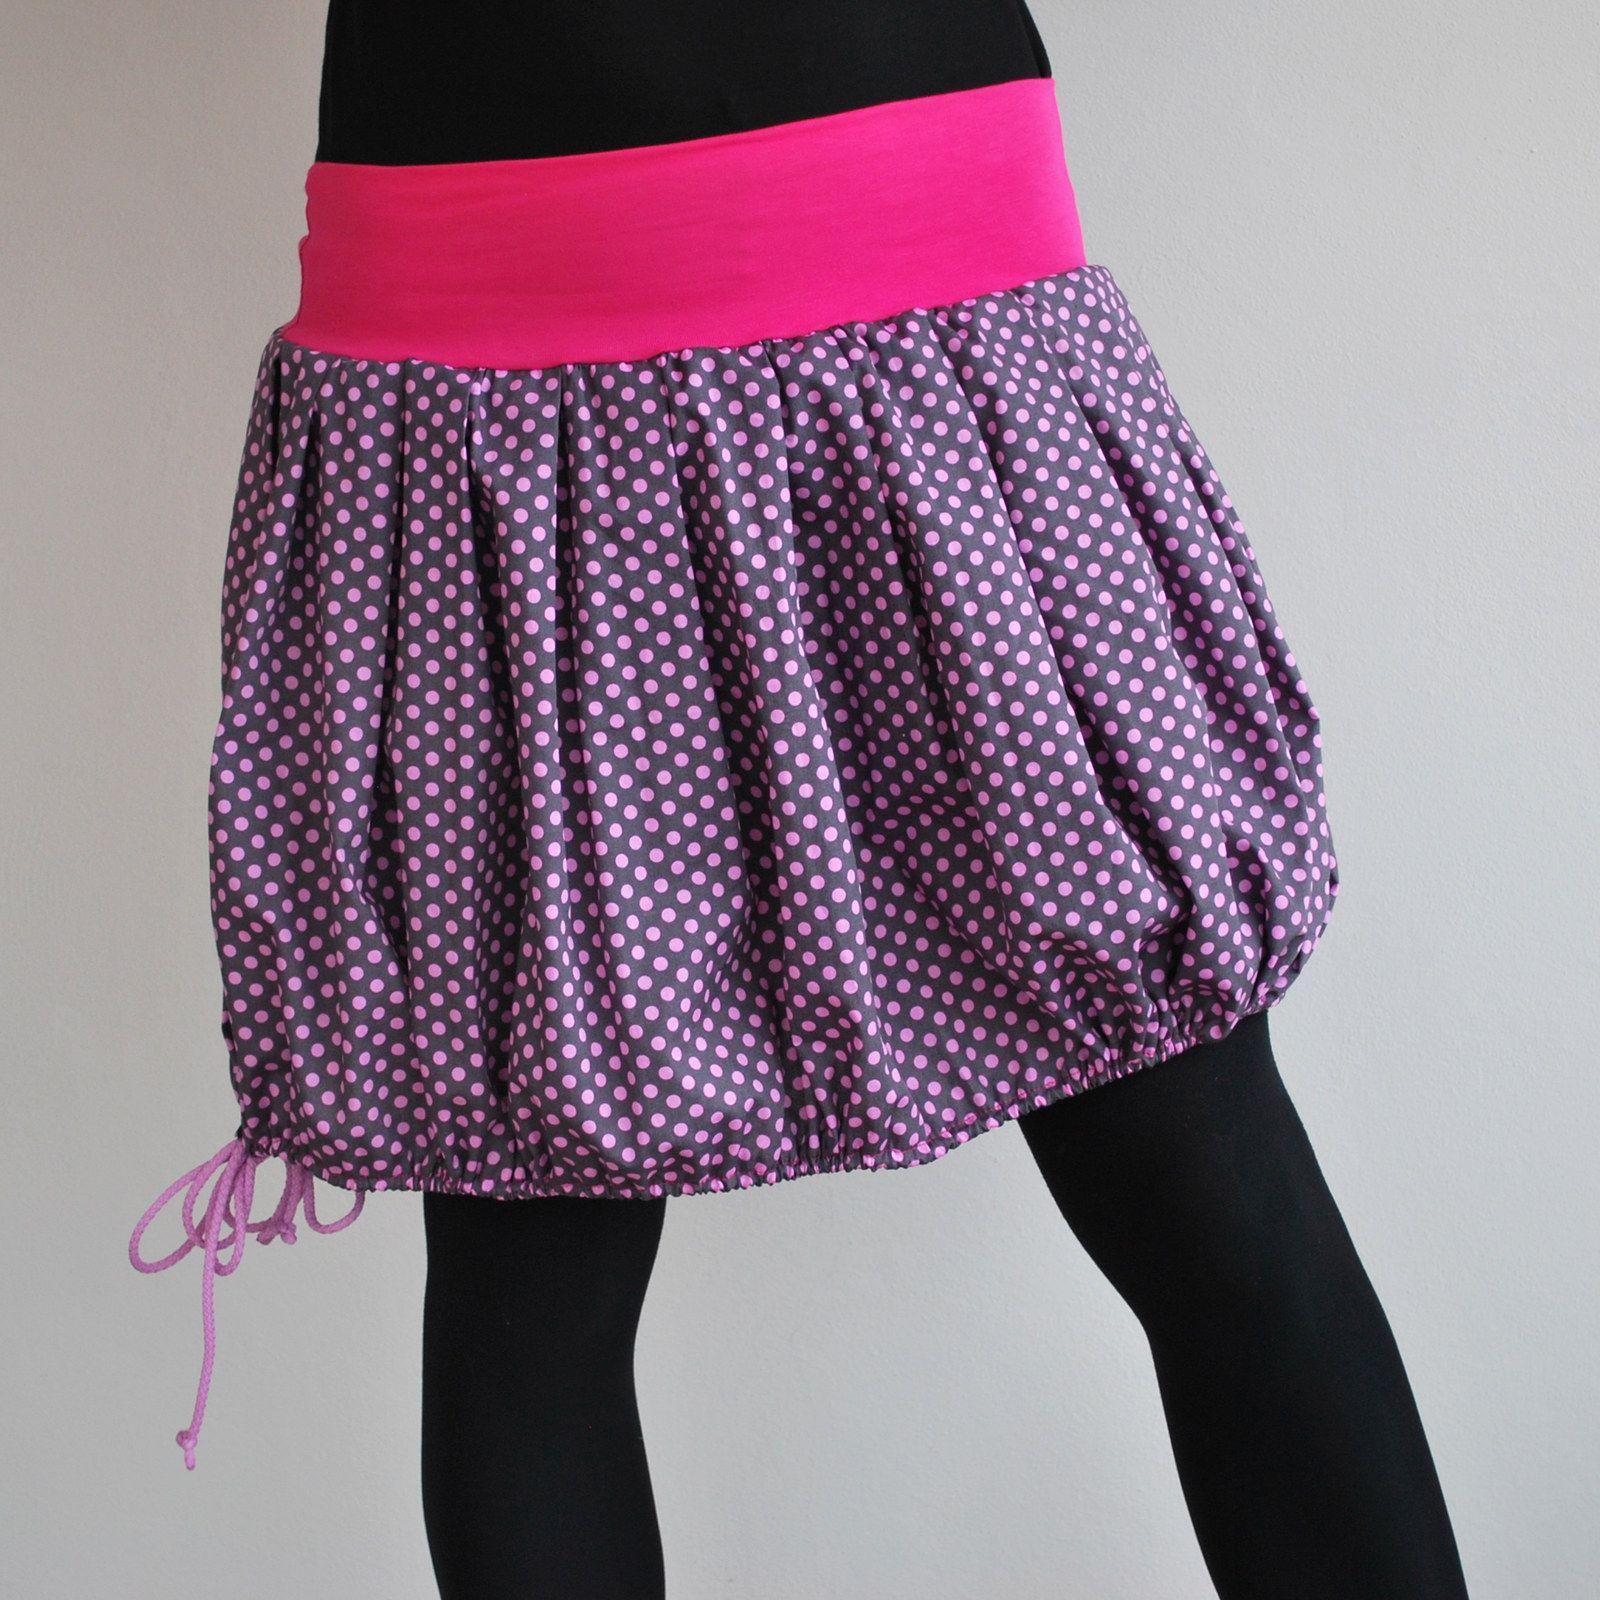 a2c5b7aa1a58 Balonetka puntíkatá Krátká sukně z krásné bavlněné